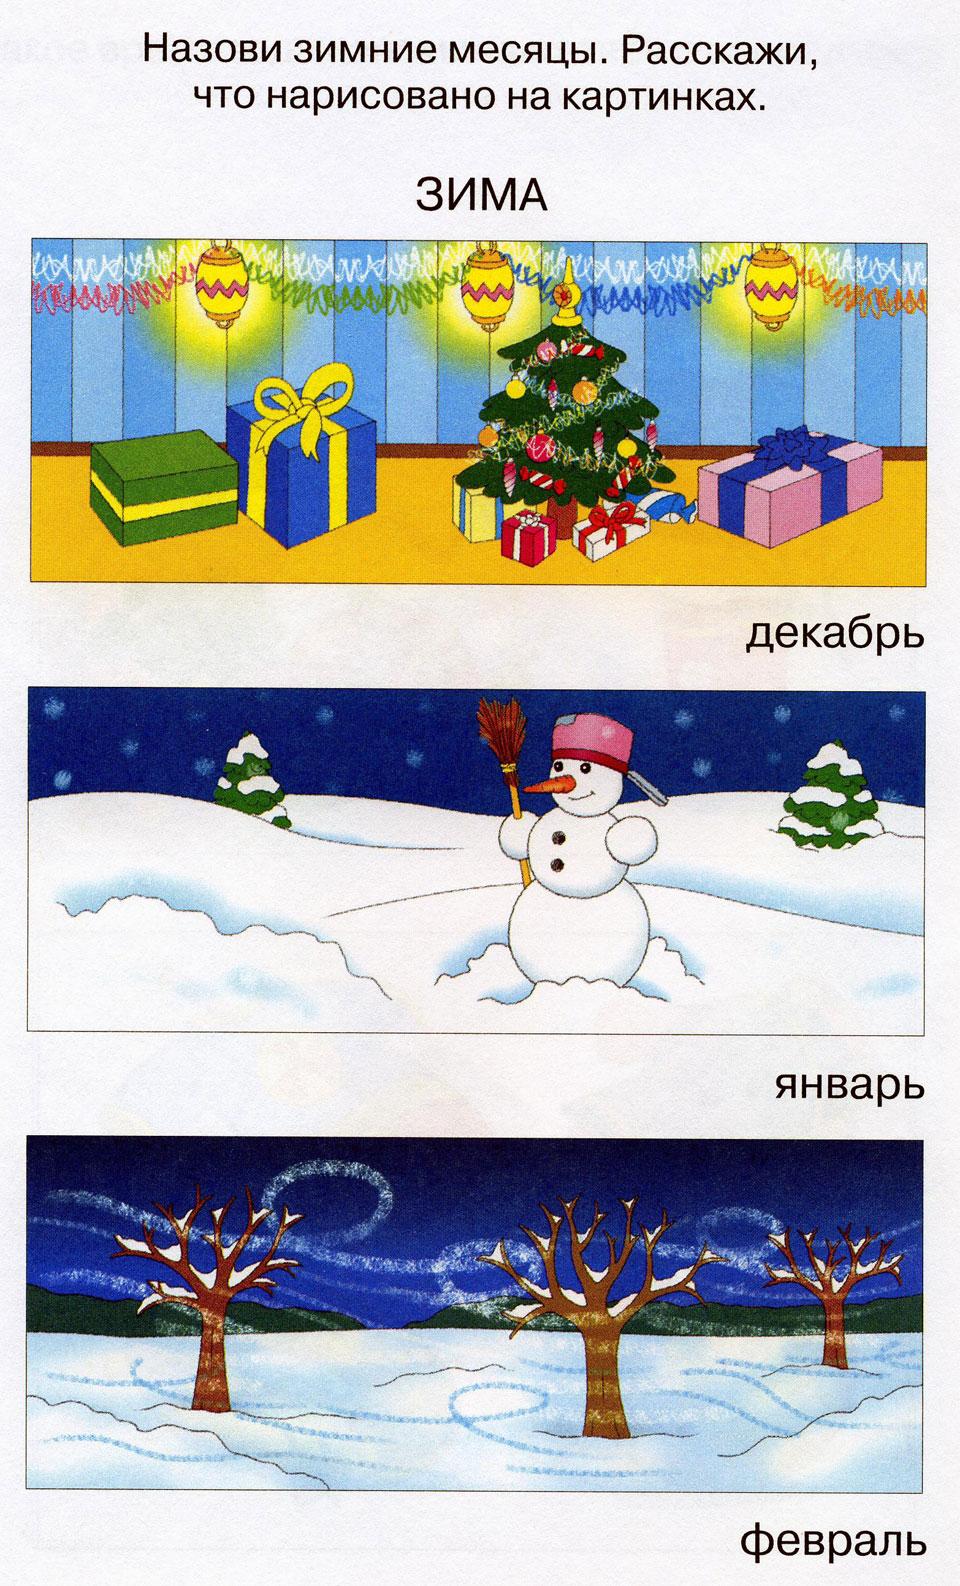 Развивающий мультфильм про зиму